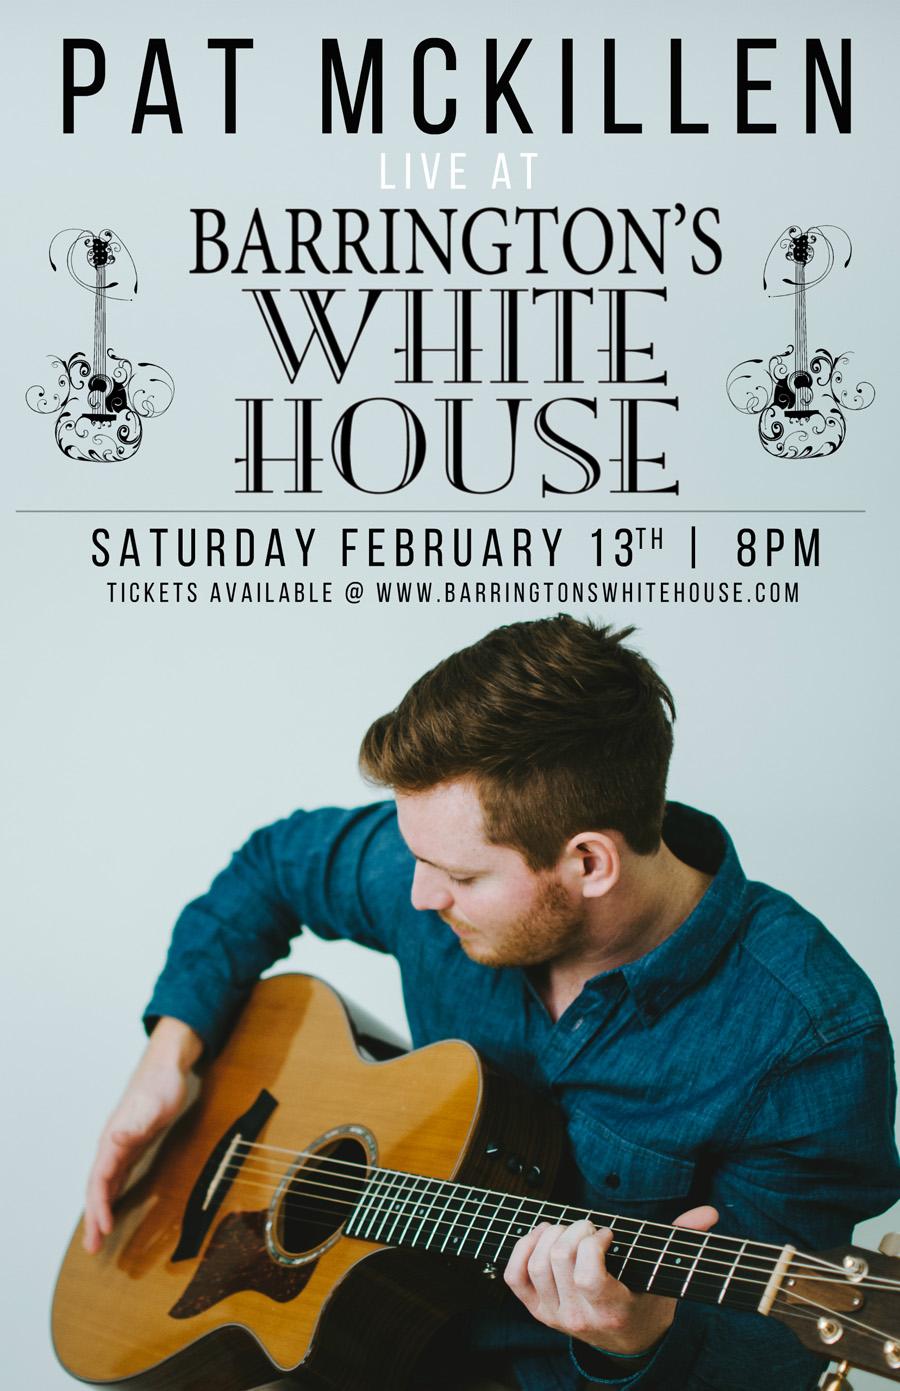 Post - Pat McKillen - Live at Barrington's White House